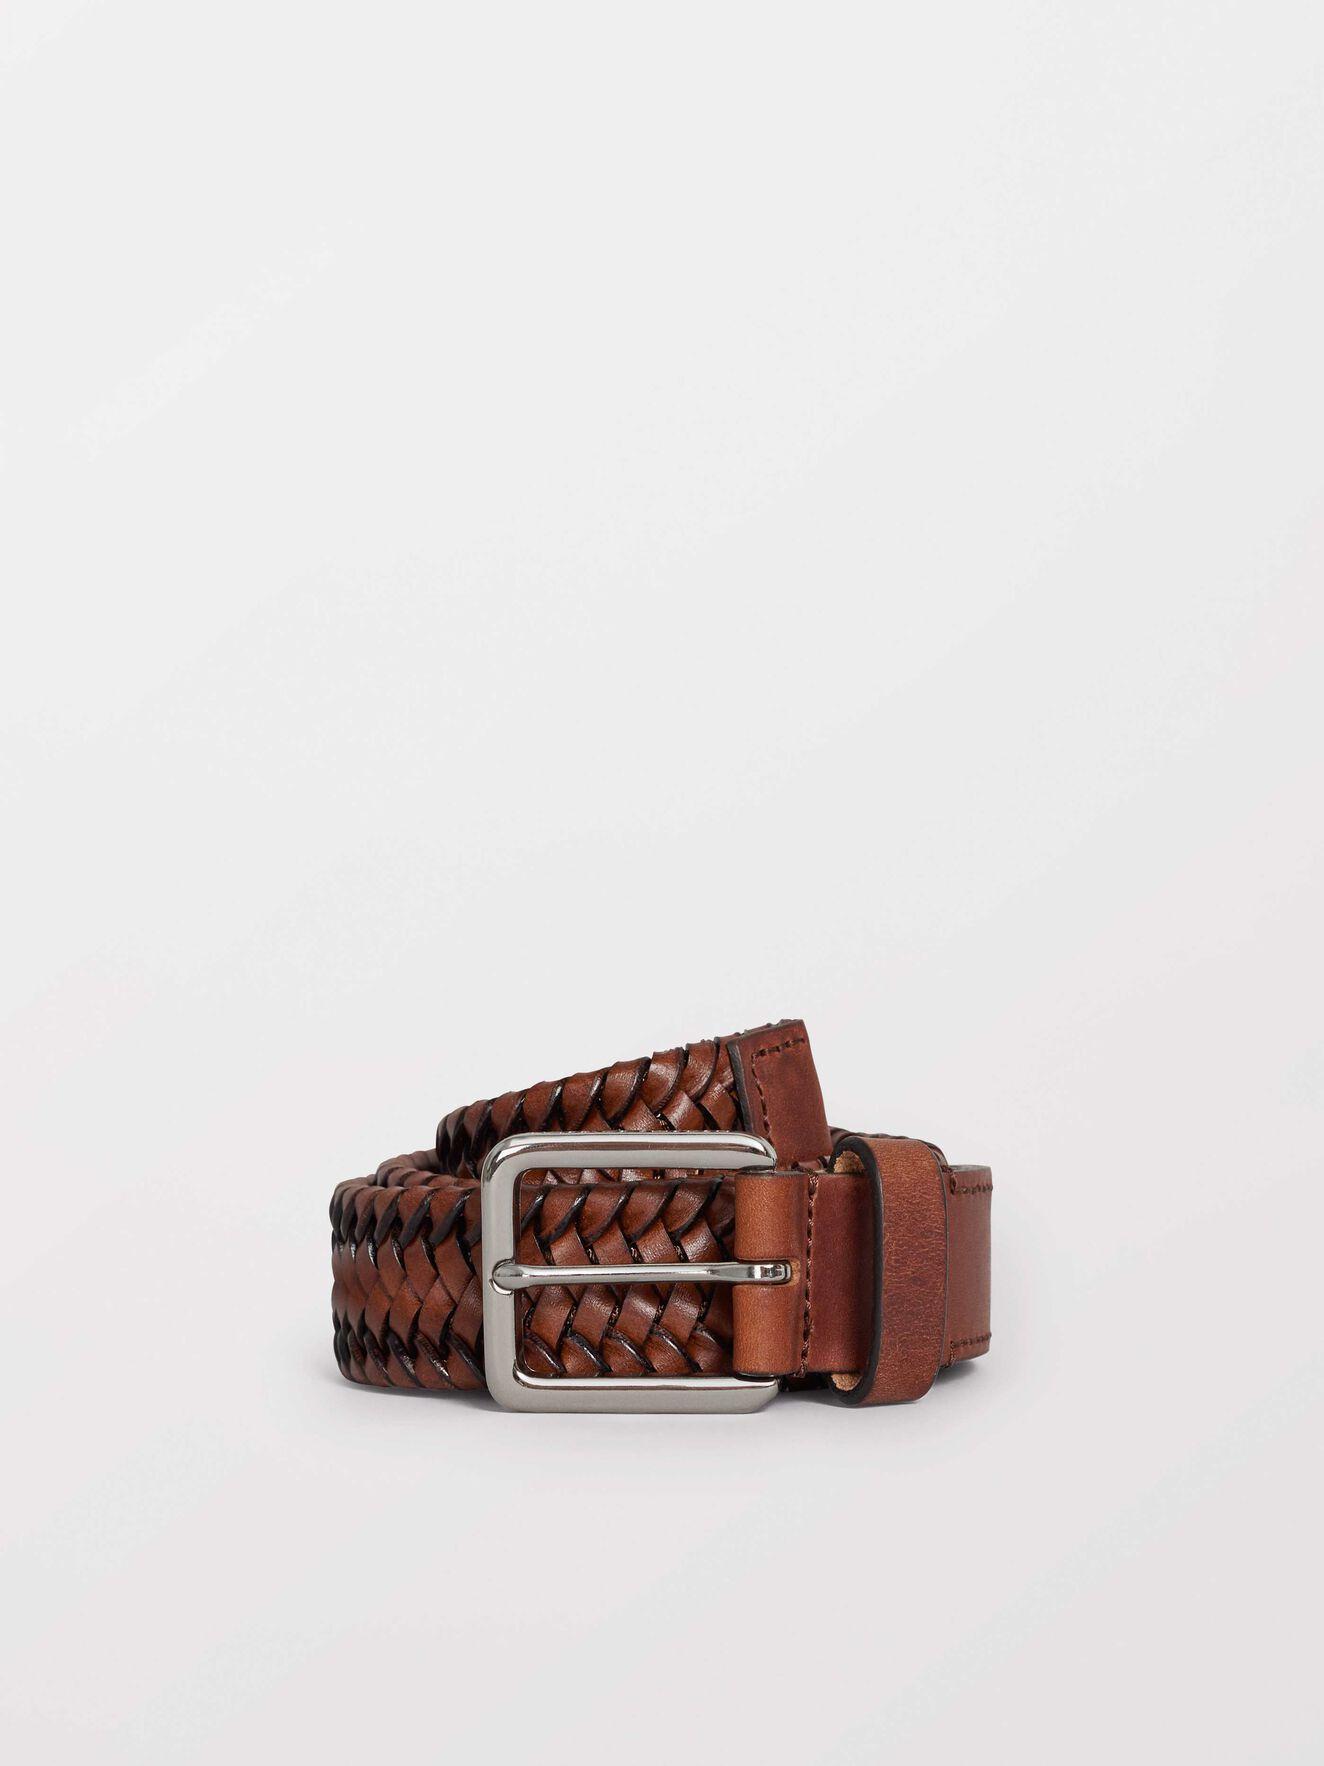 Braidant Belt in Dark Brown from Tiger of Sweden